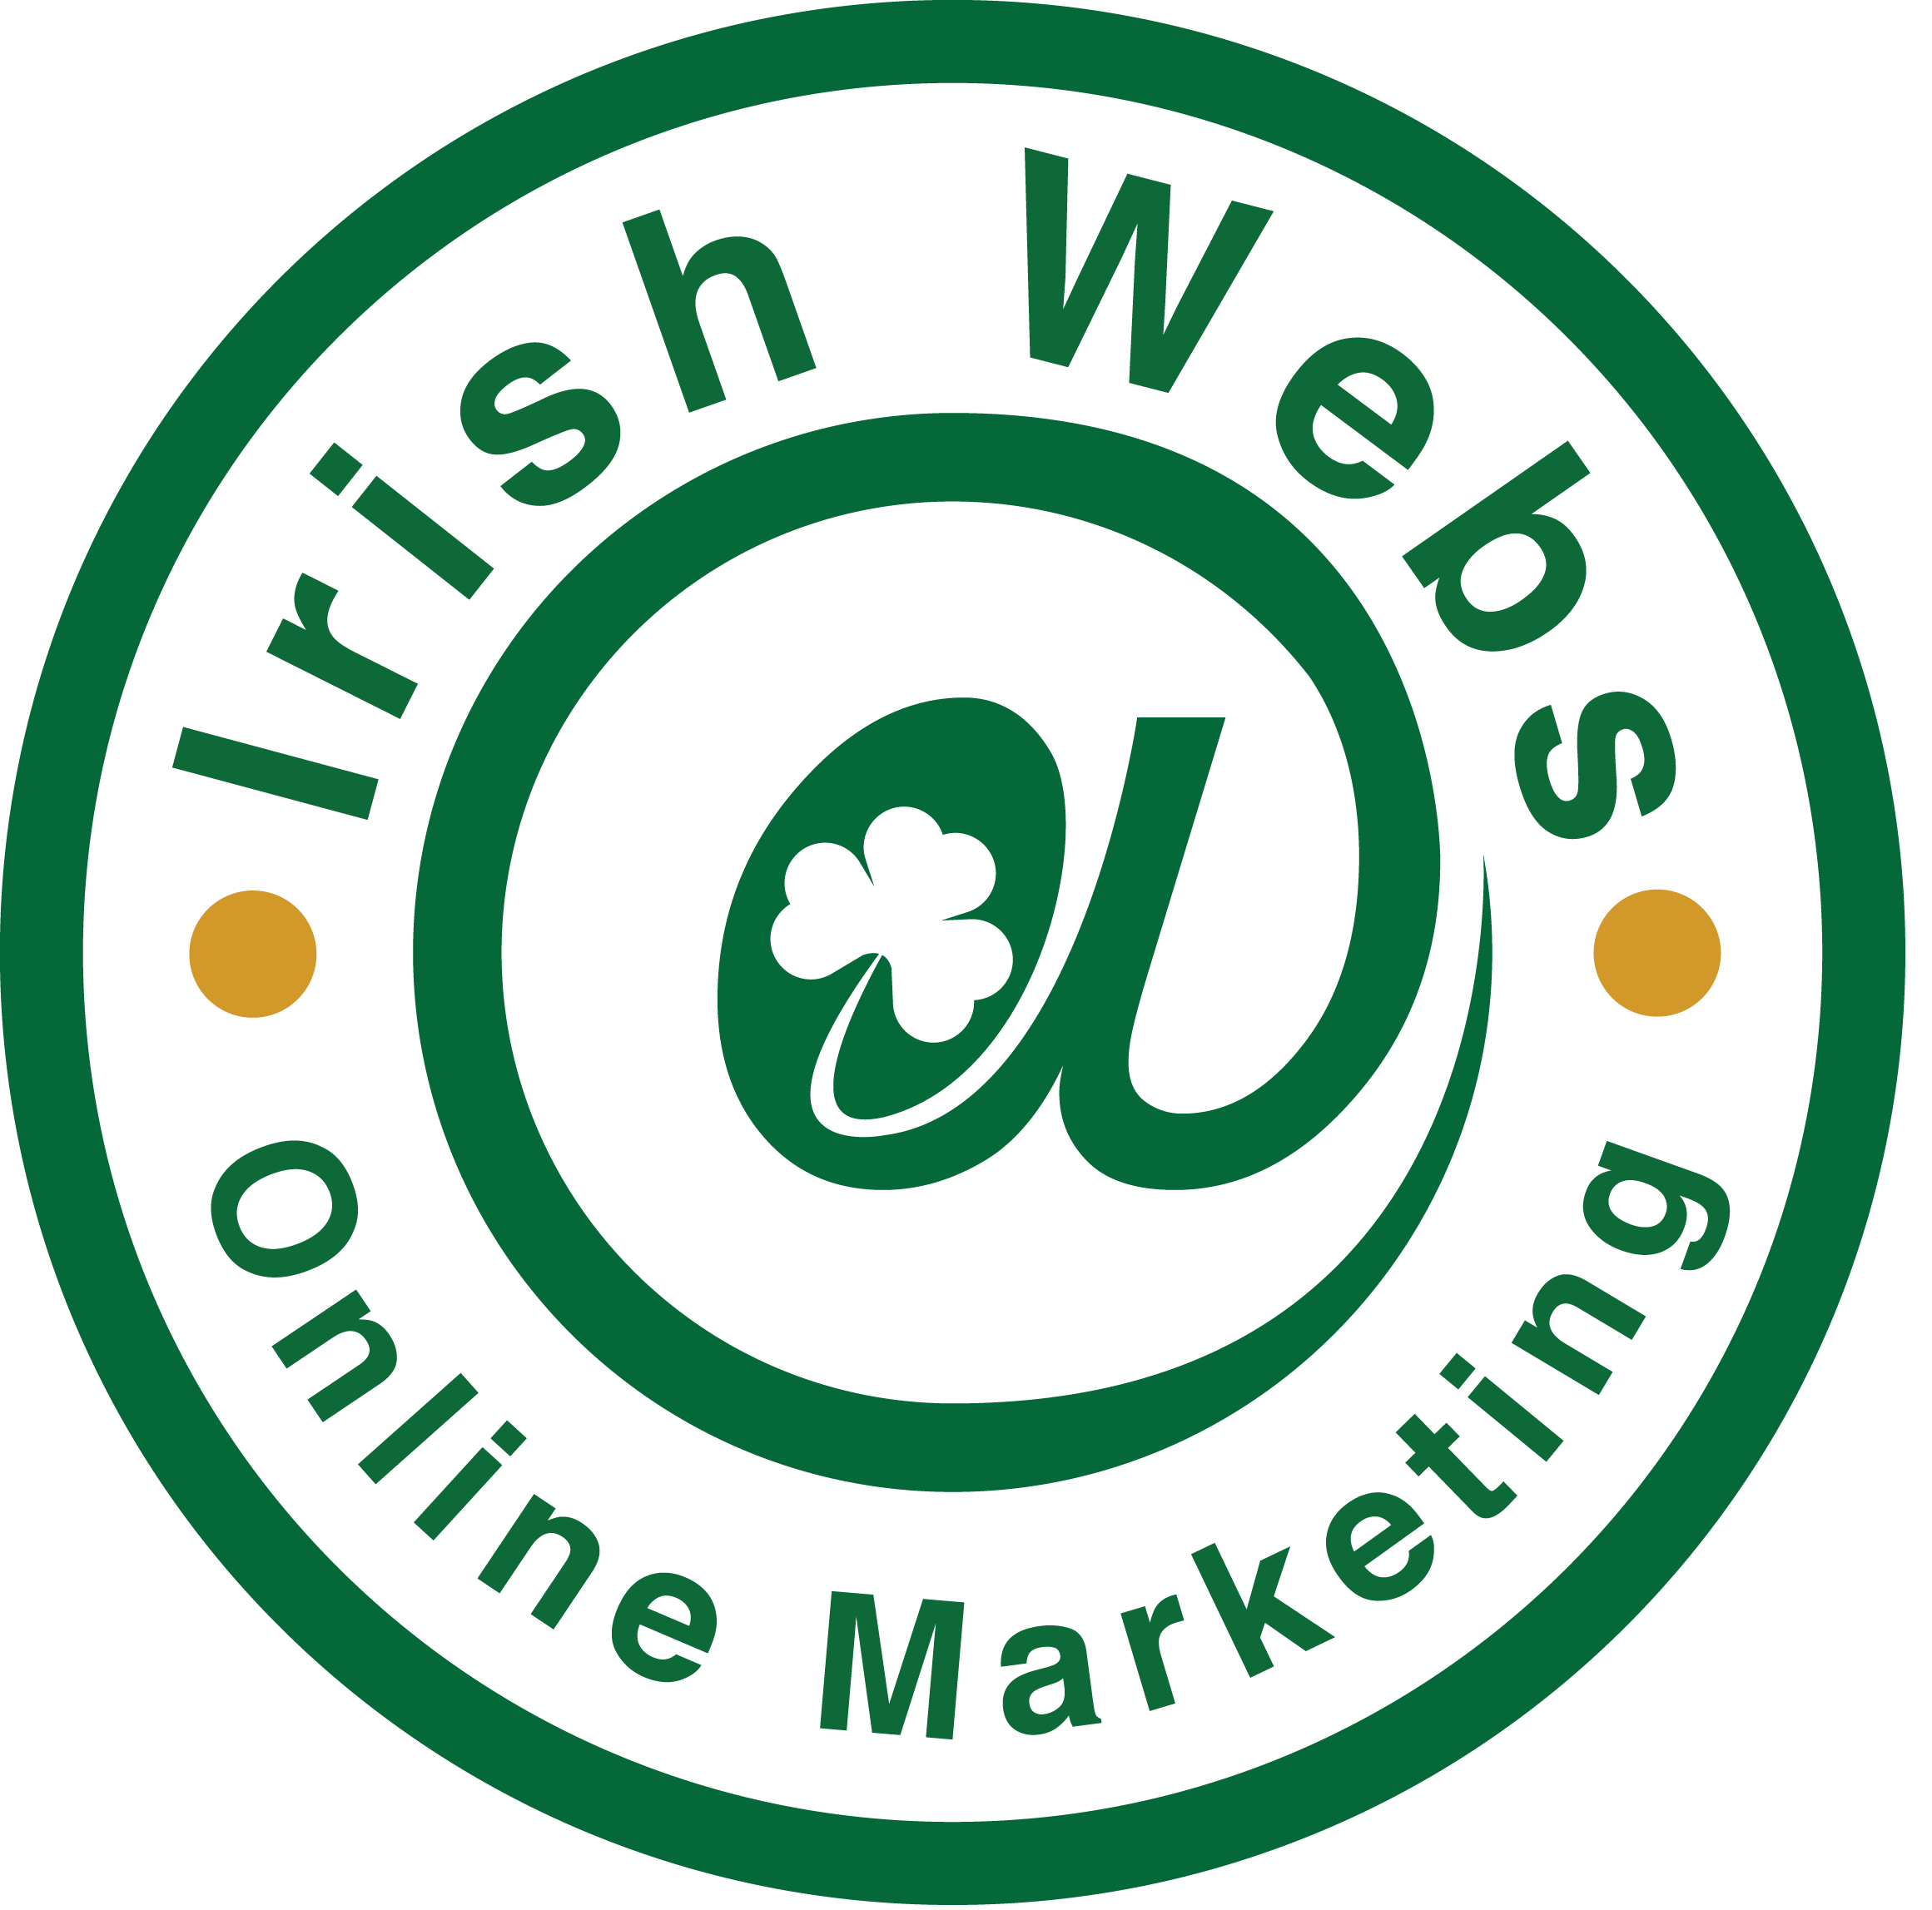 Irish Webs